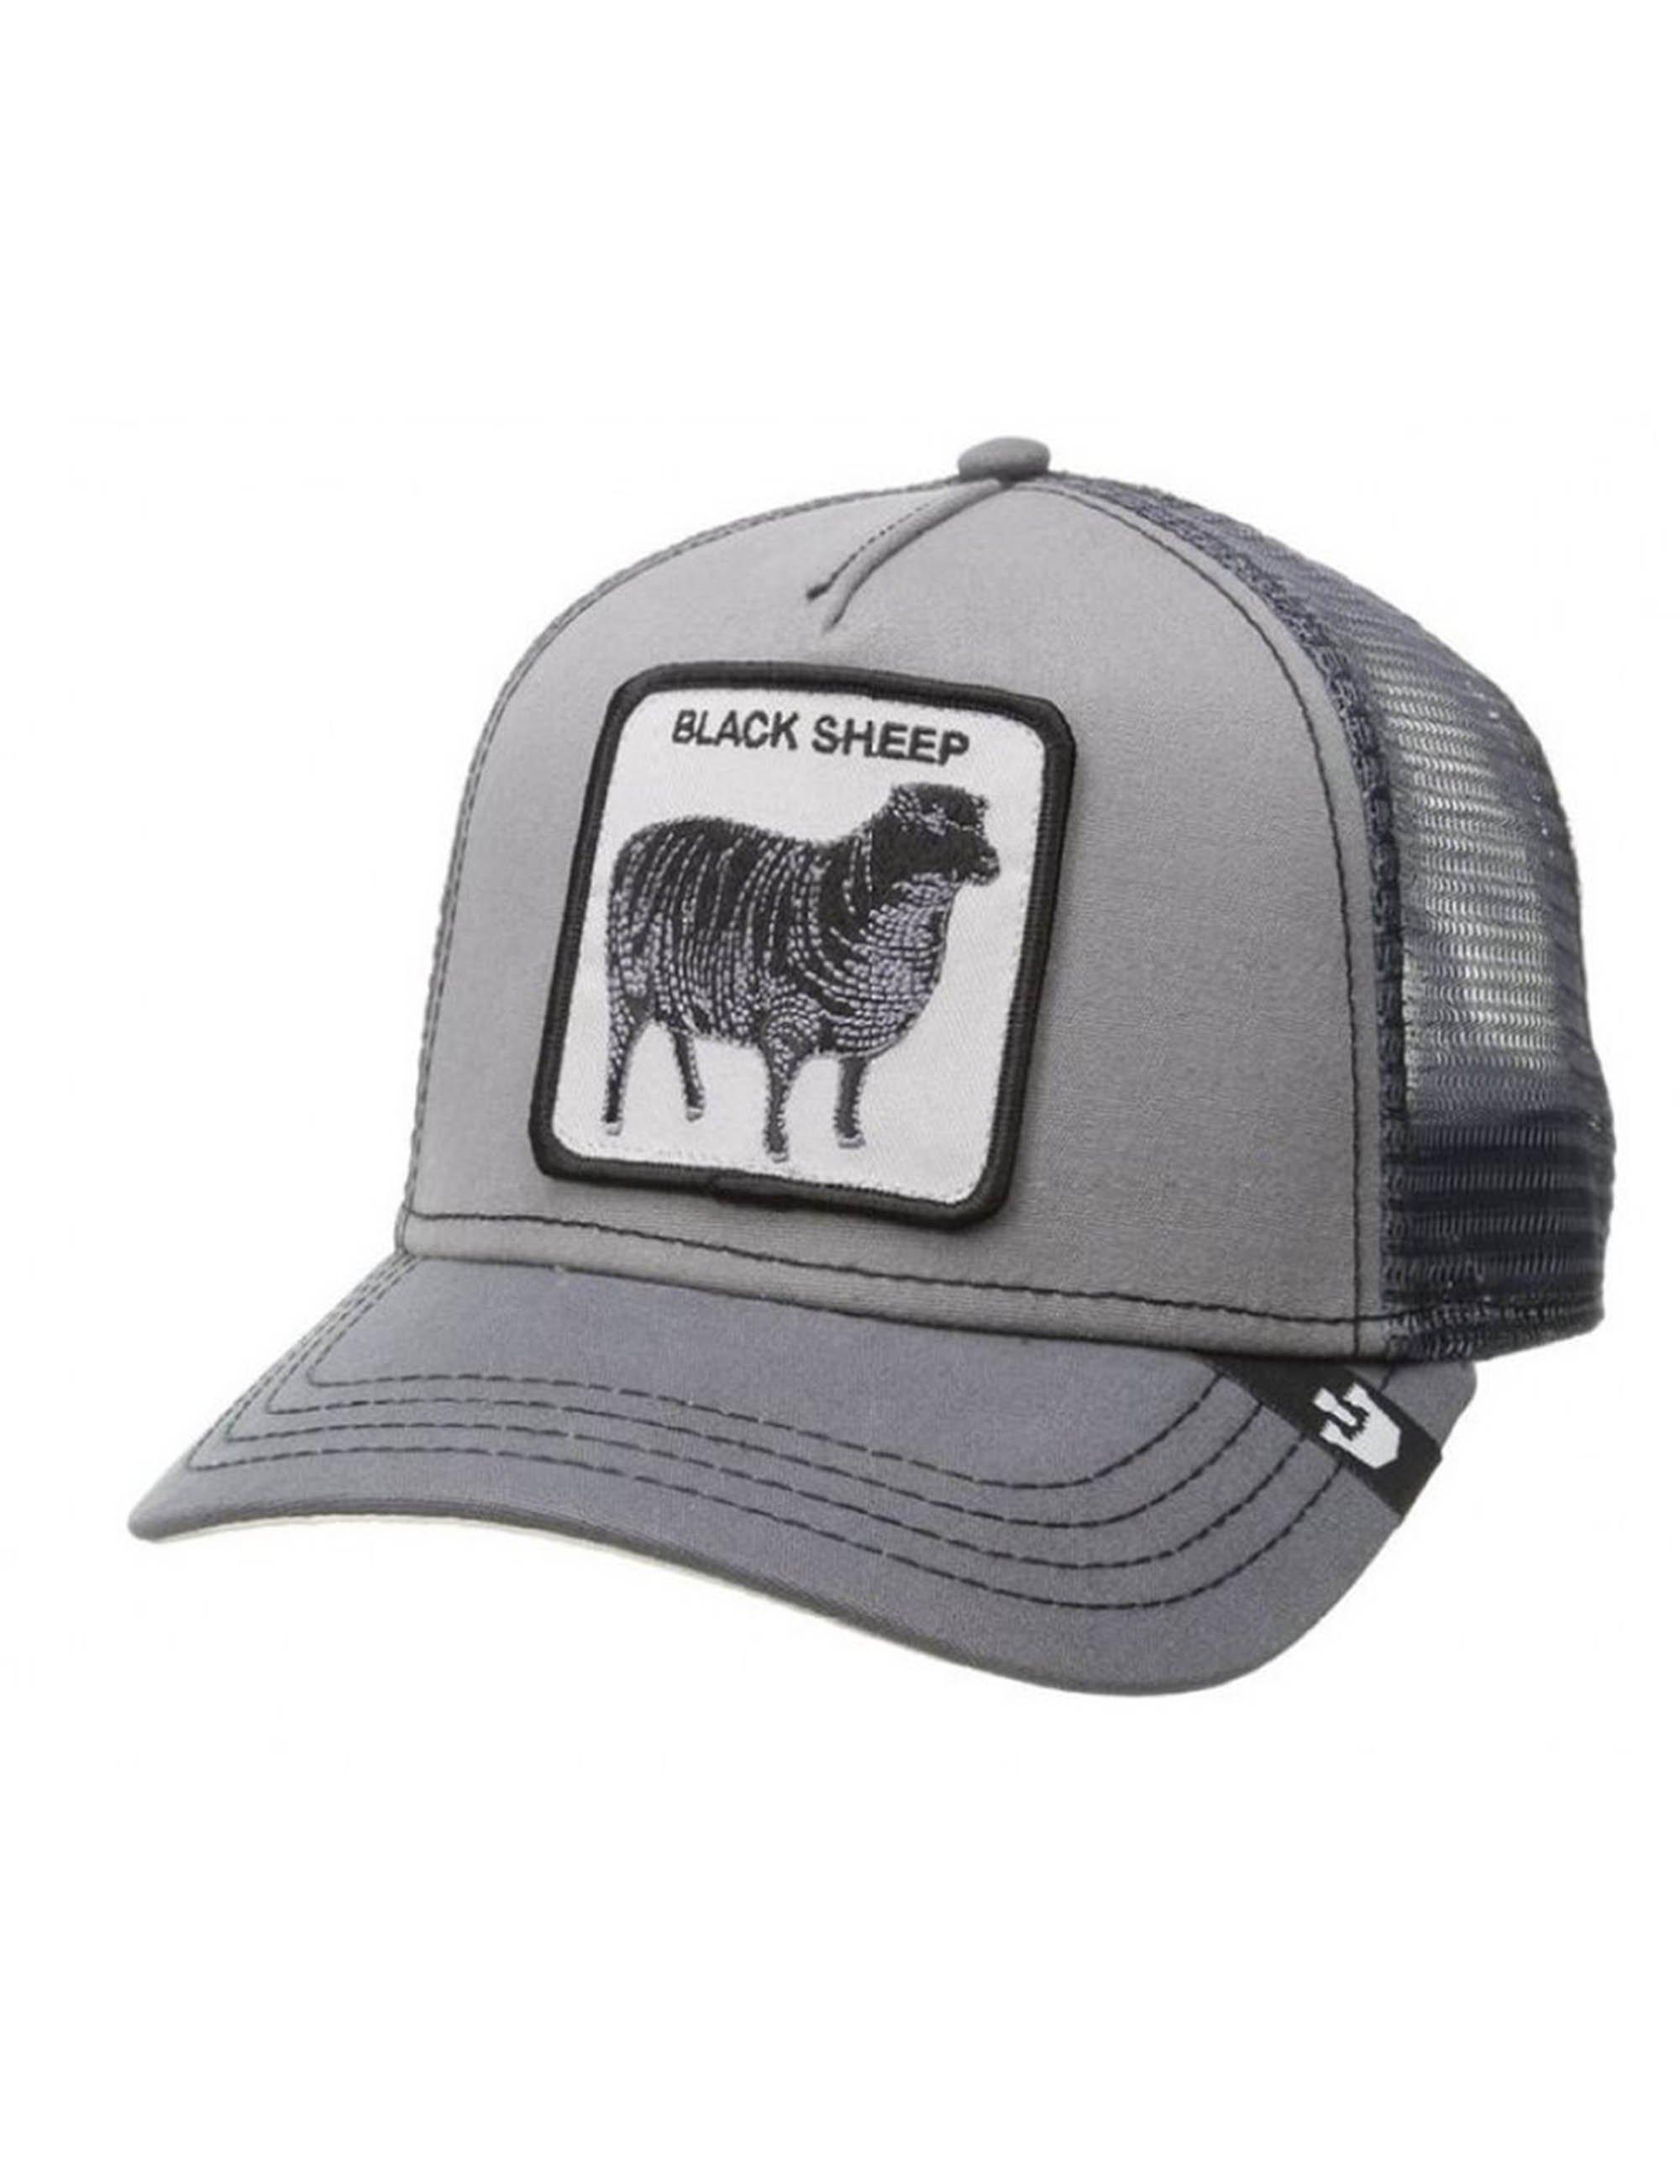 258fa4ff6f5 Goorin Bros Animal Farm Trucker Cap Shades Of Black